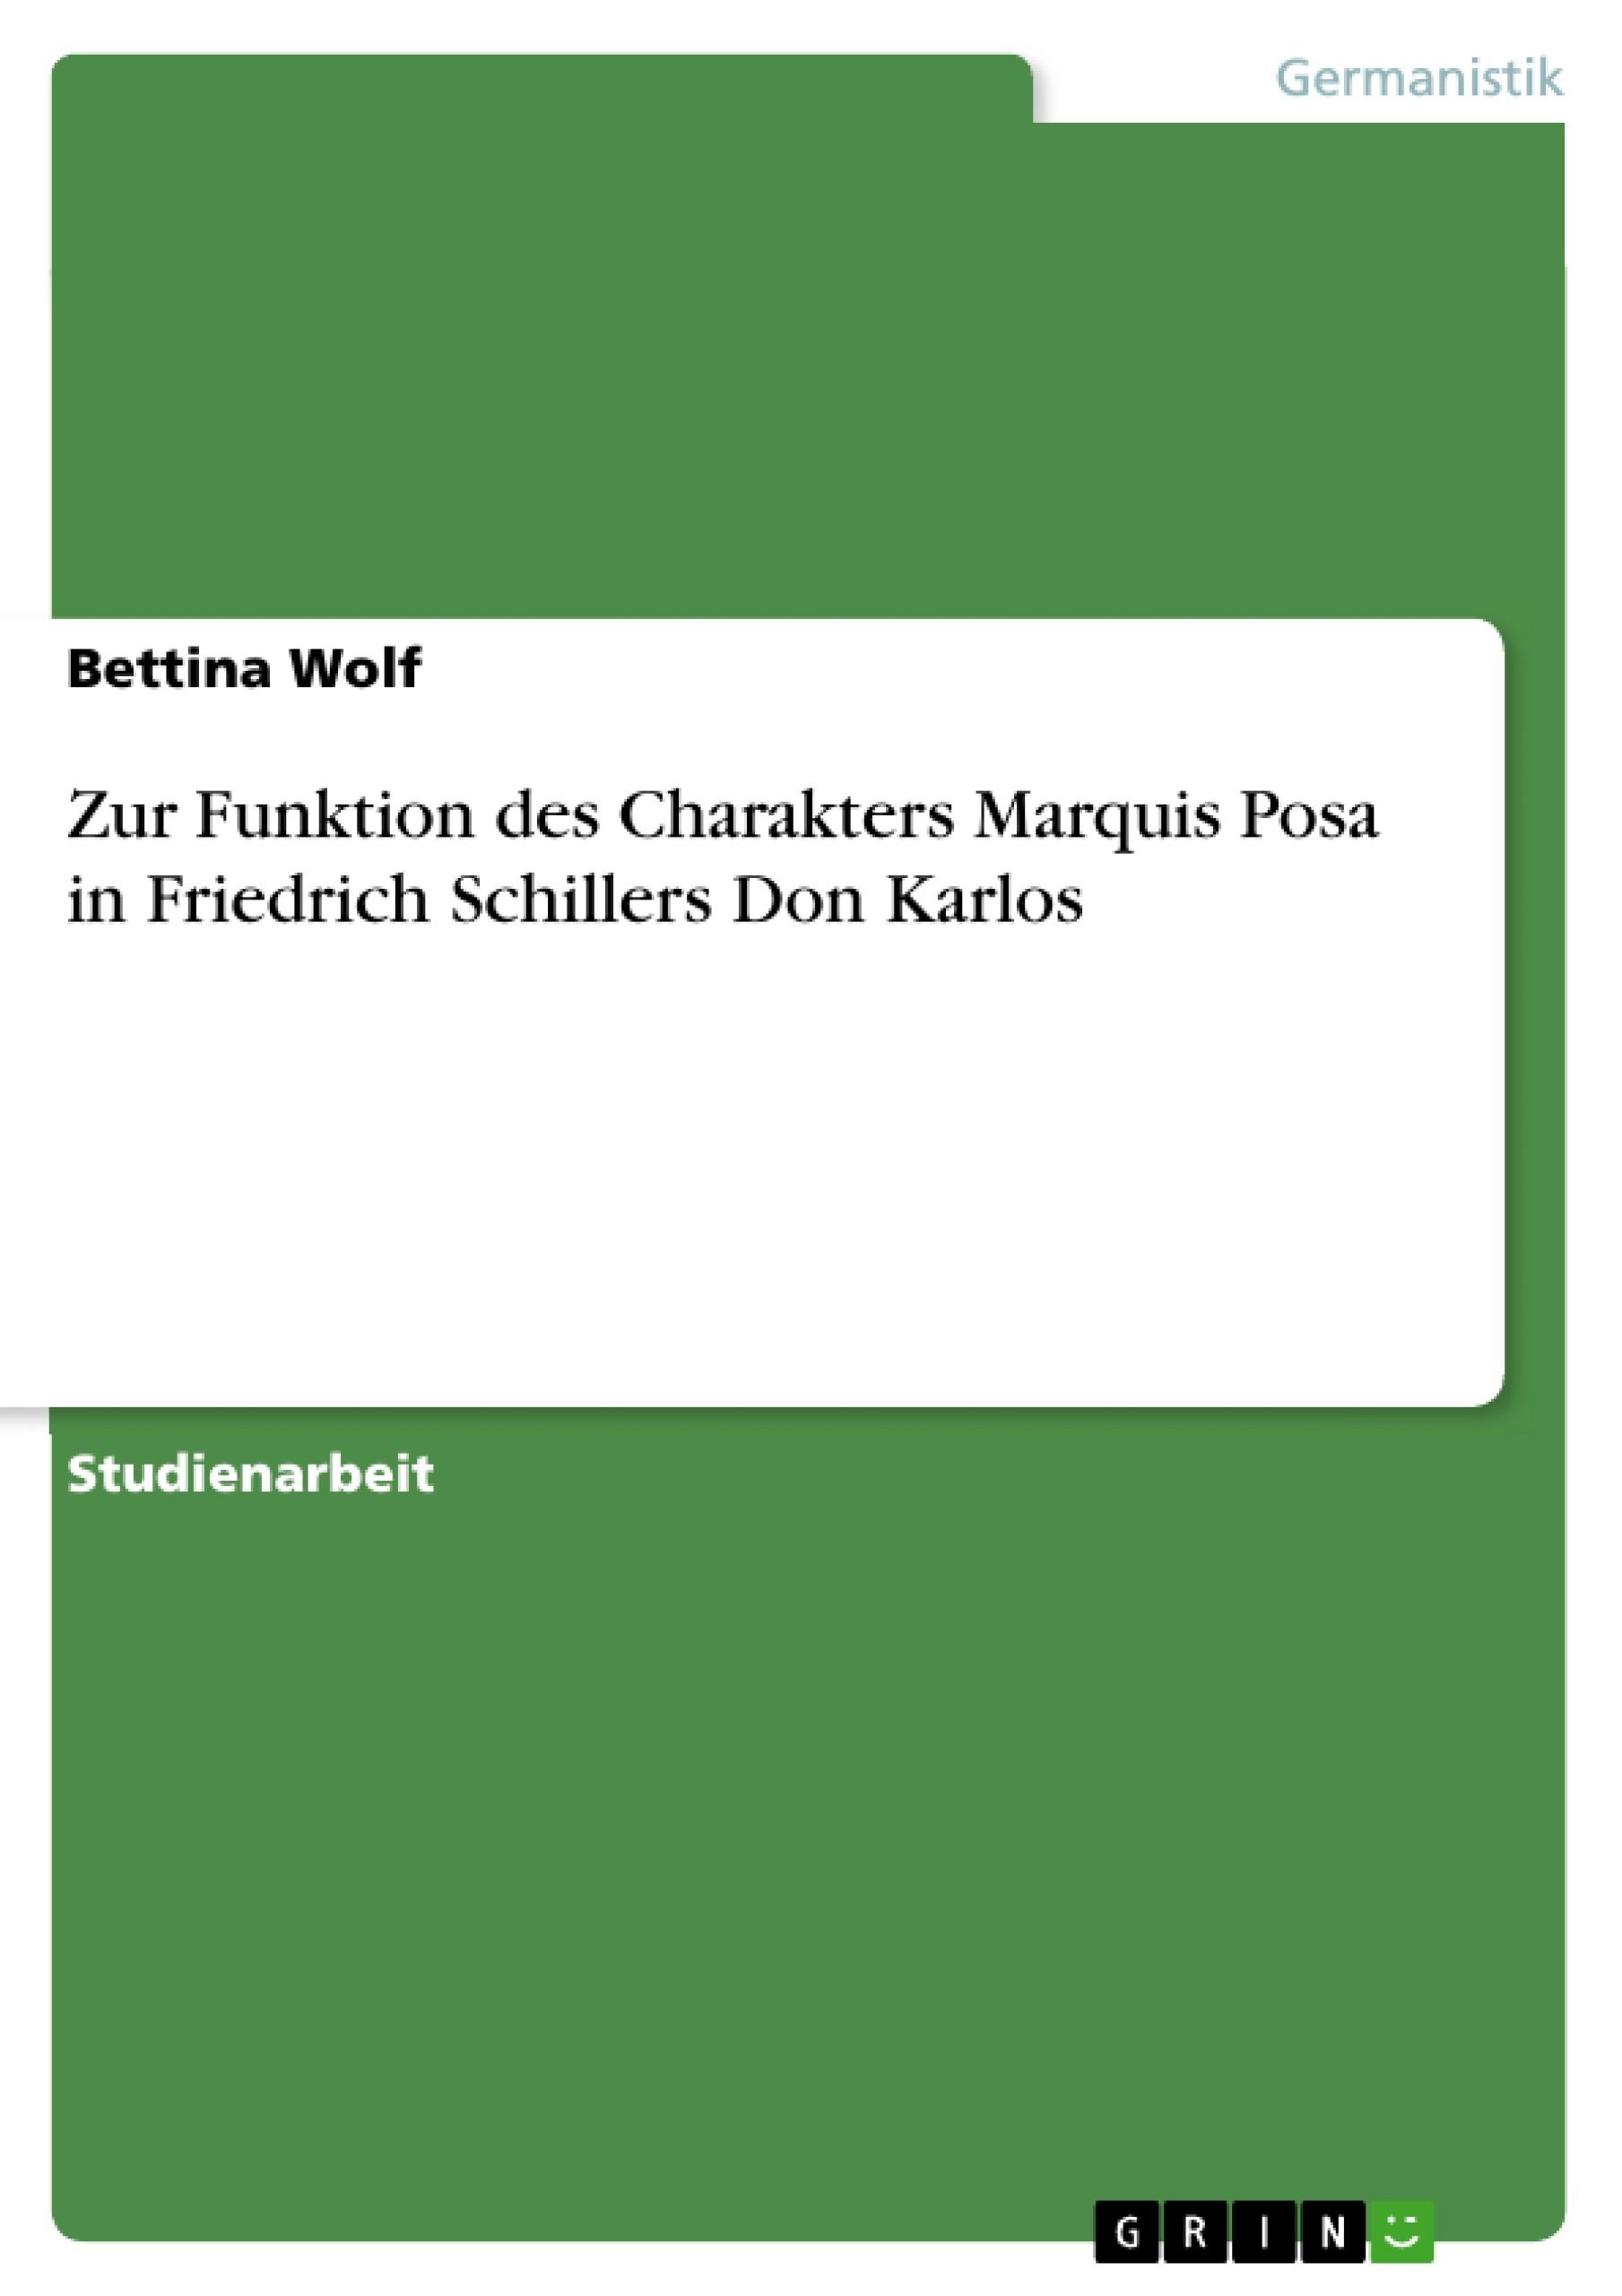 Titel: Zur Funktion des Charakters Marquis Posa in Friedrich Schillers Don Karlos